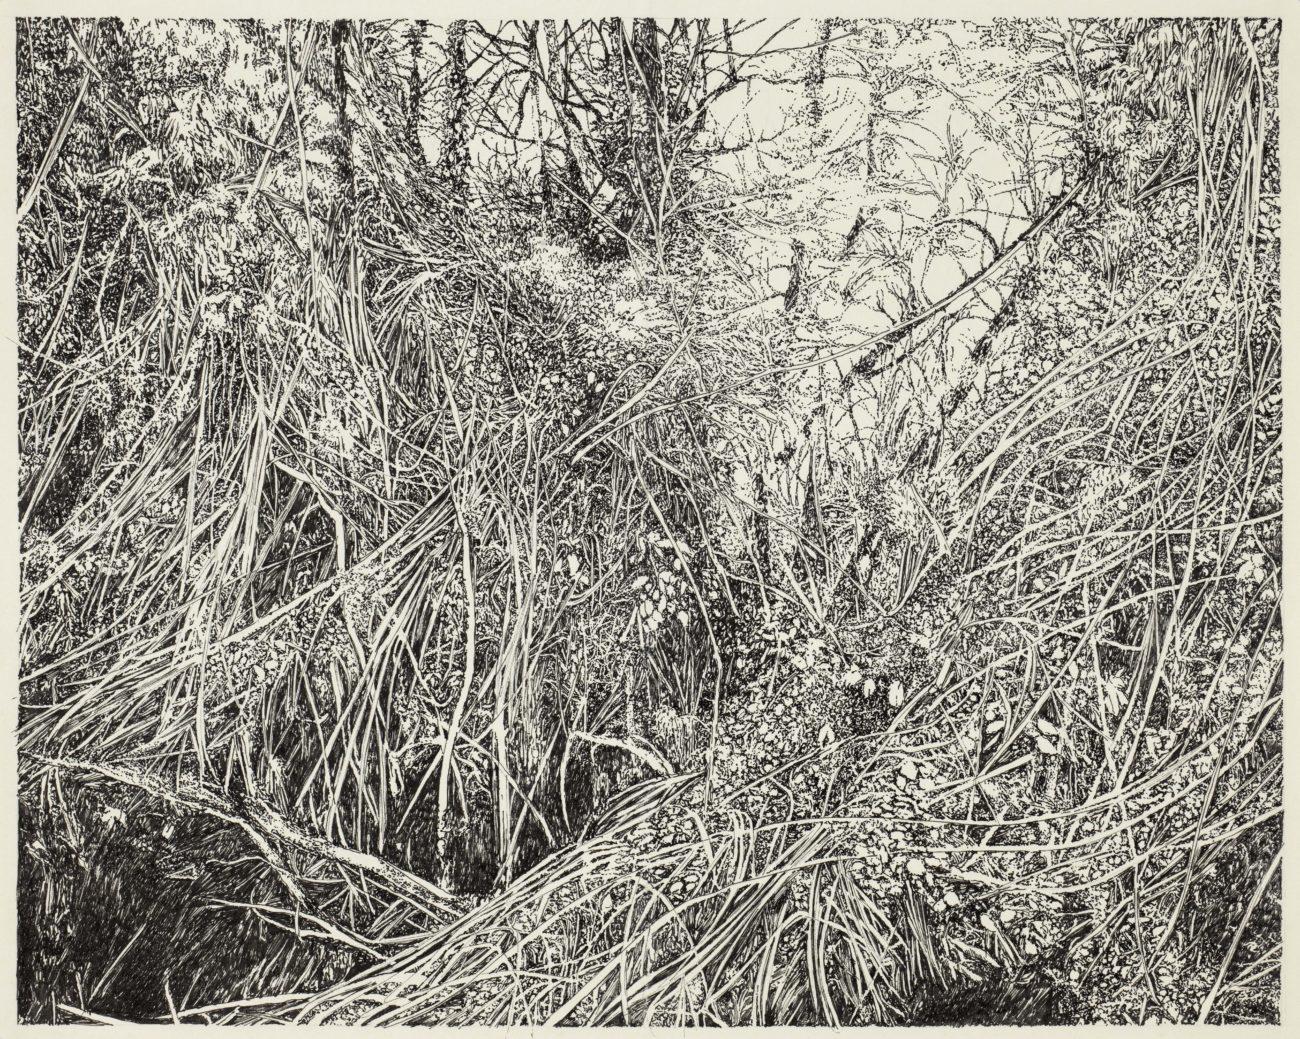 Forêt, art, dessin, henninger, emmanuel, art, nature, arbre, alsace, artiste